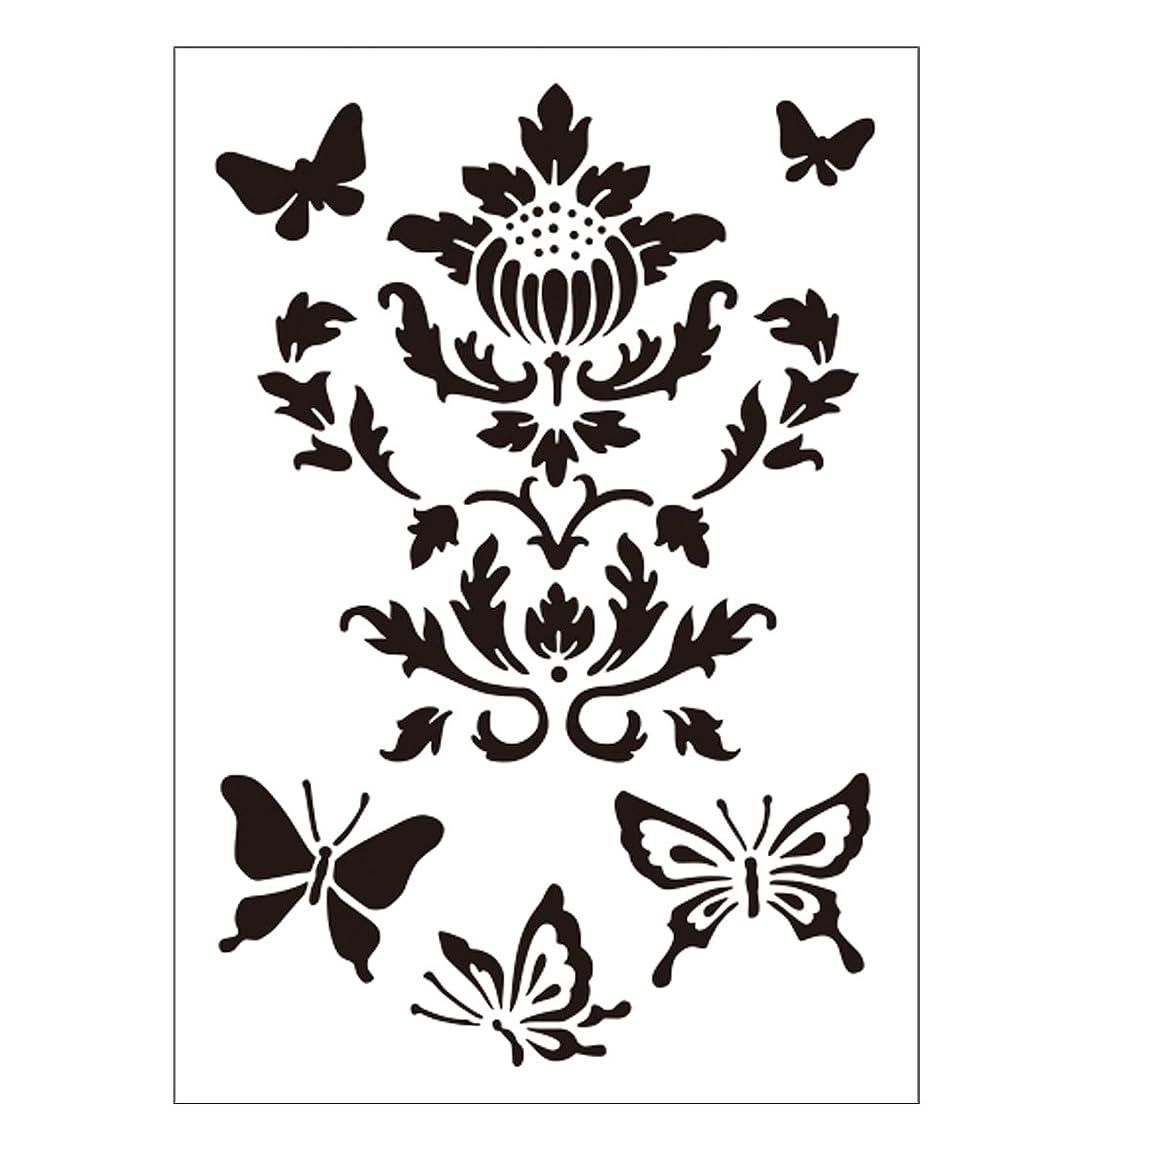 もの酸化物魔法川島詠子 French Chic Decor de Fleurs  フレンチシックな花雑貨 ZU-0249